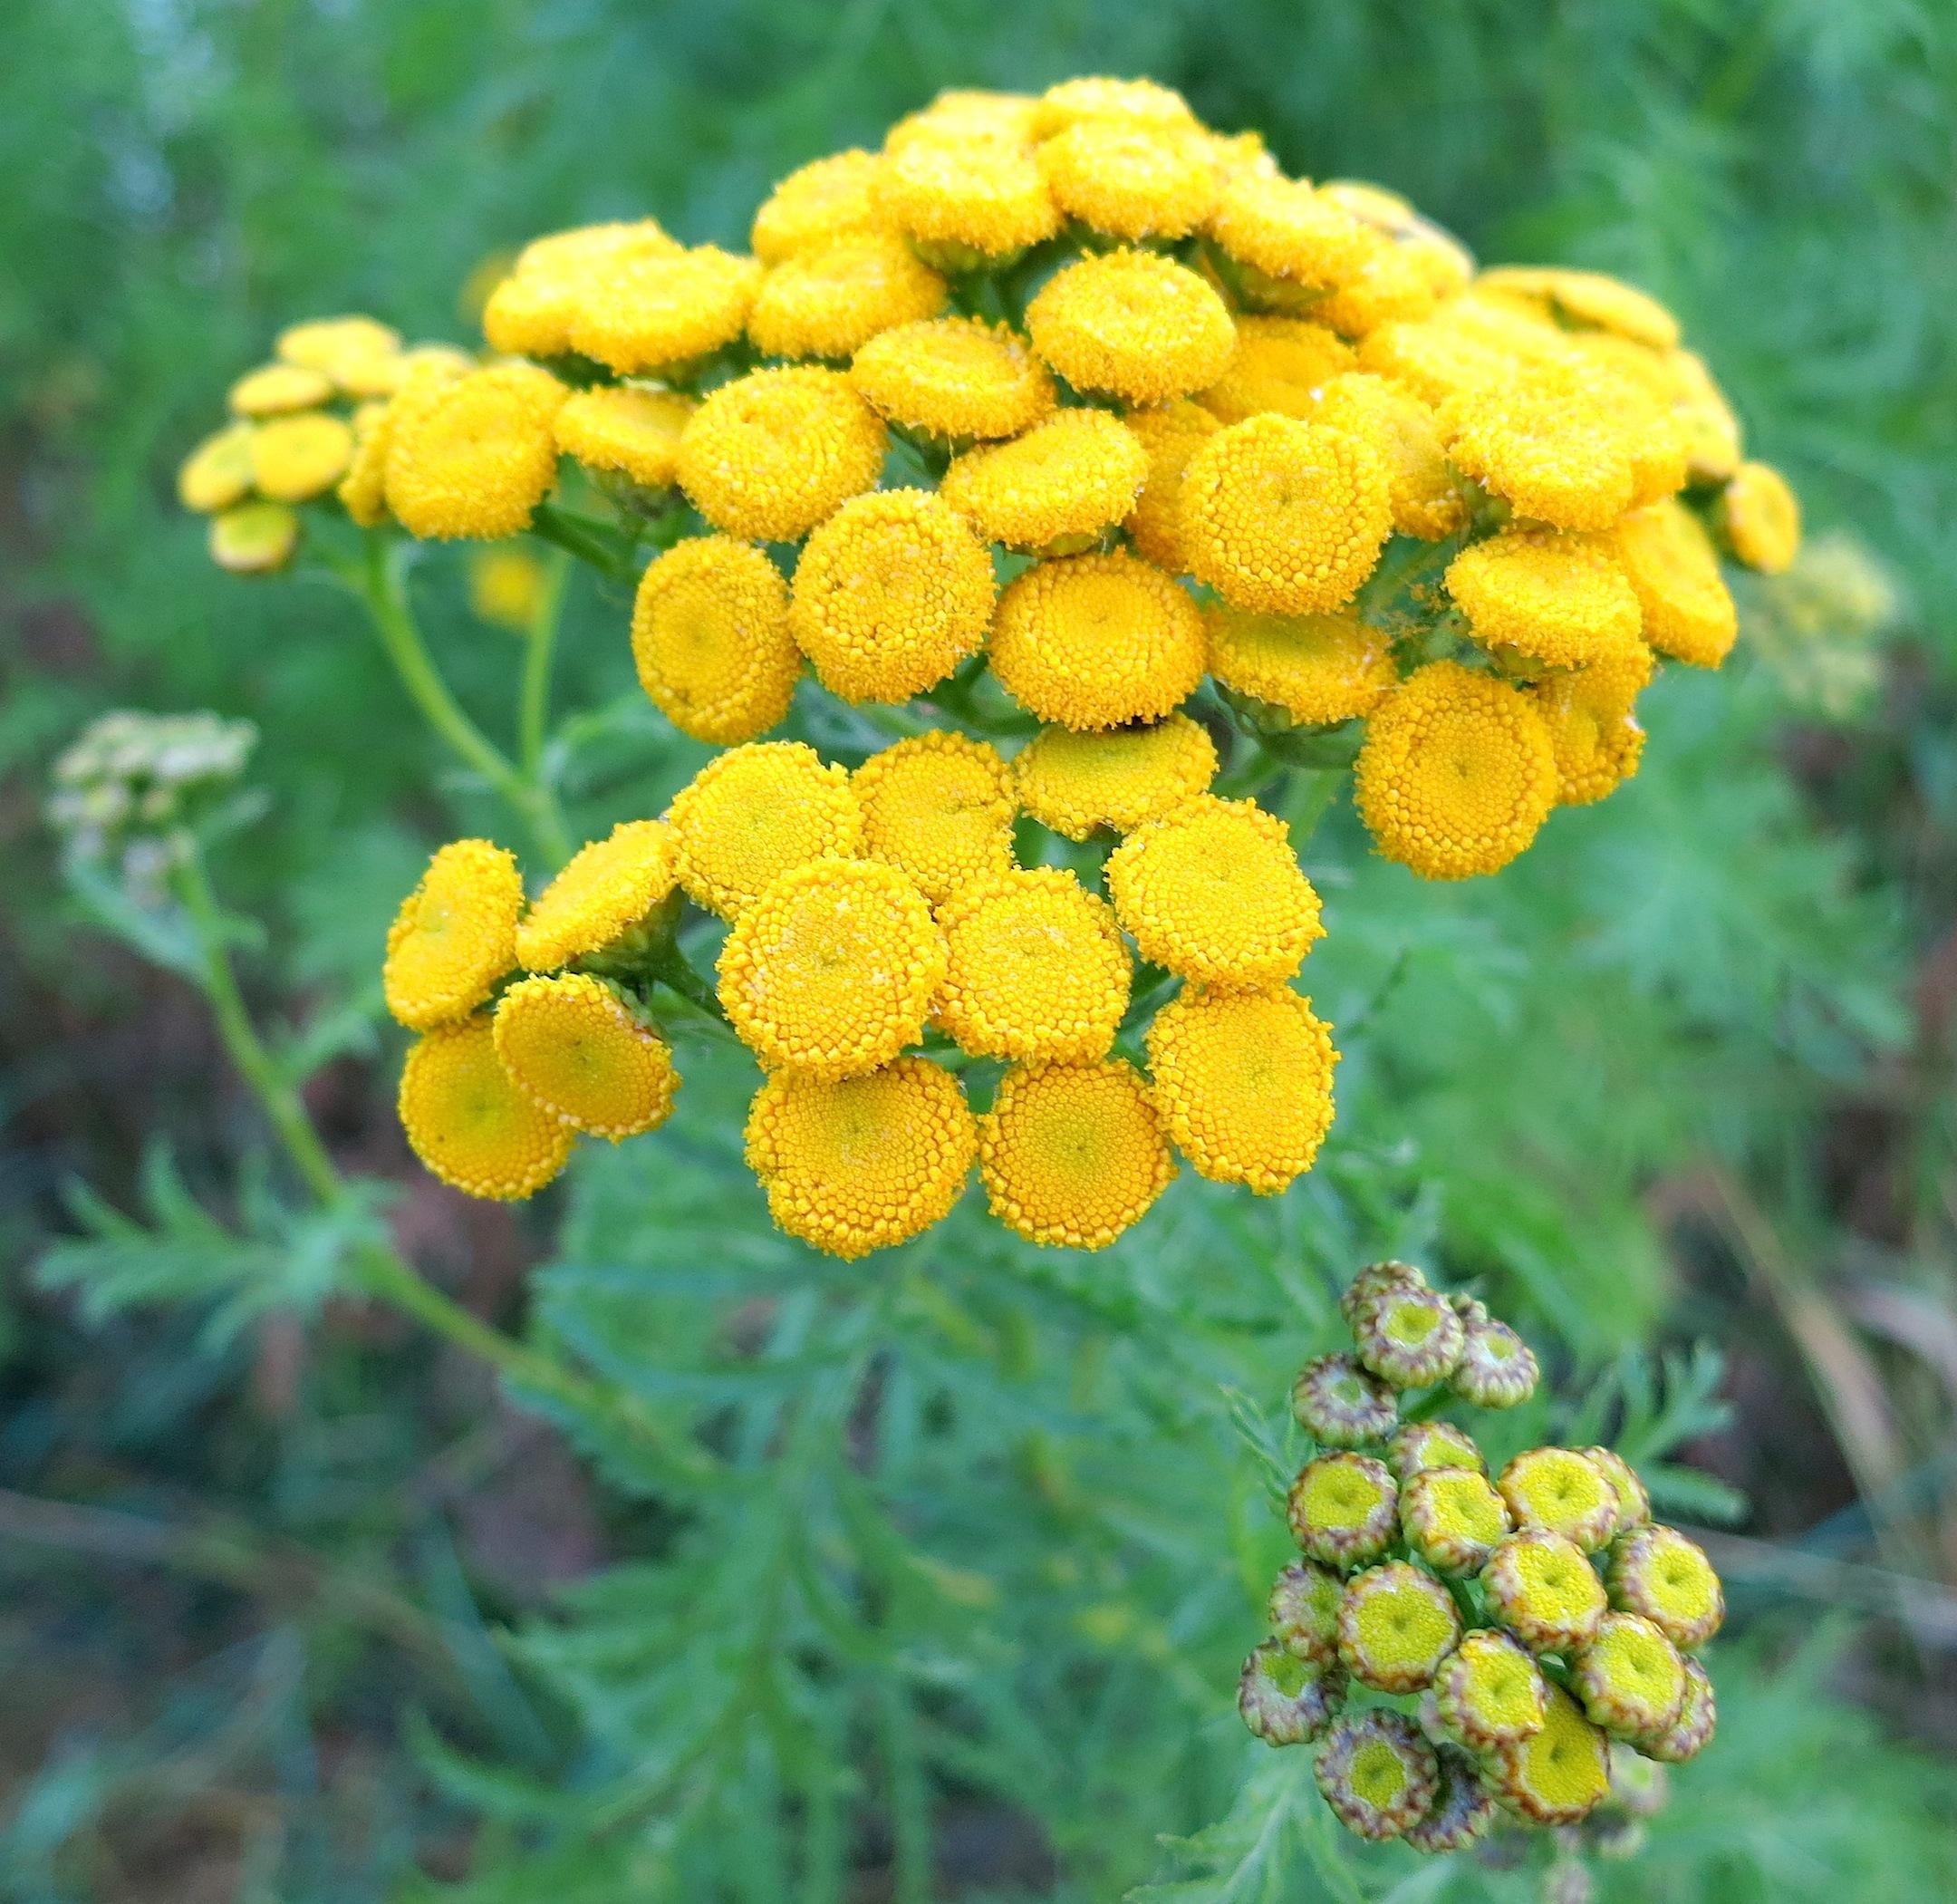 yellowbunch